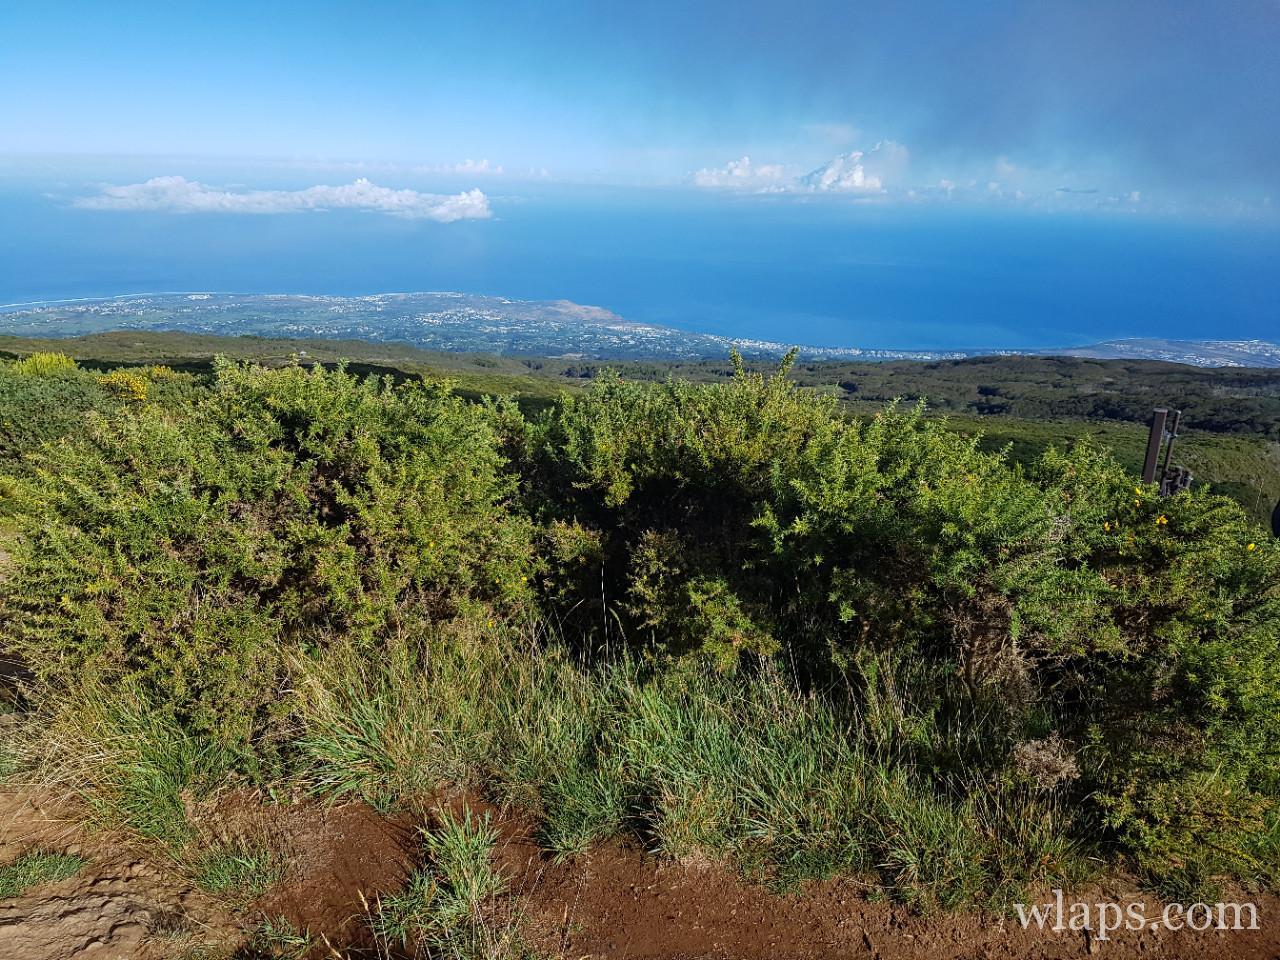 Vue depuis la randonnée du Maïdo à La Réunion